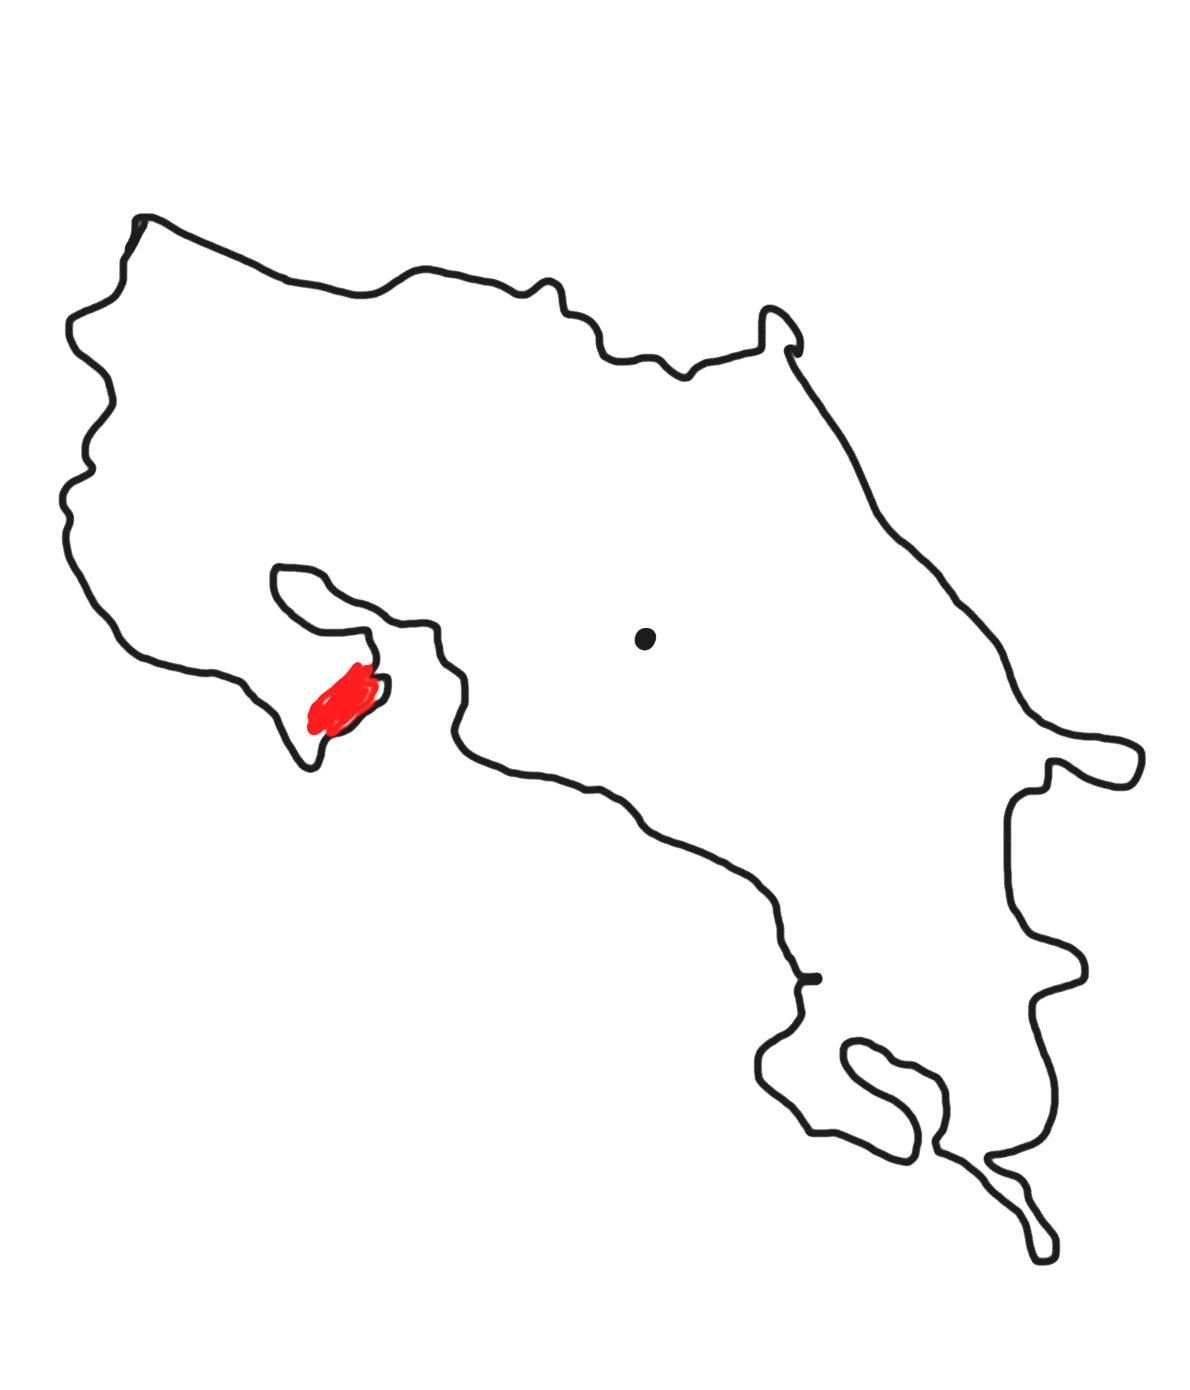 North Pacific - Coast